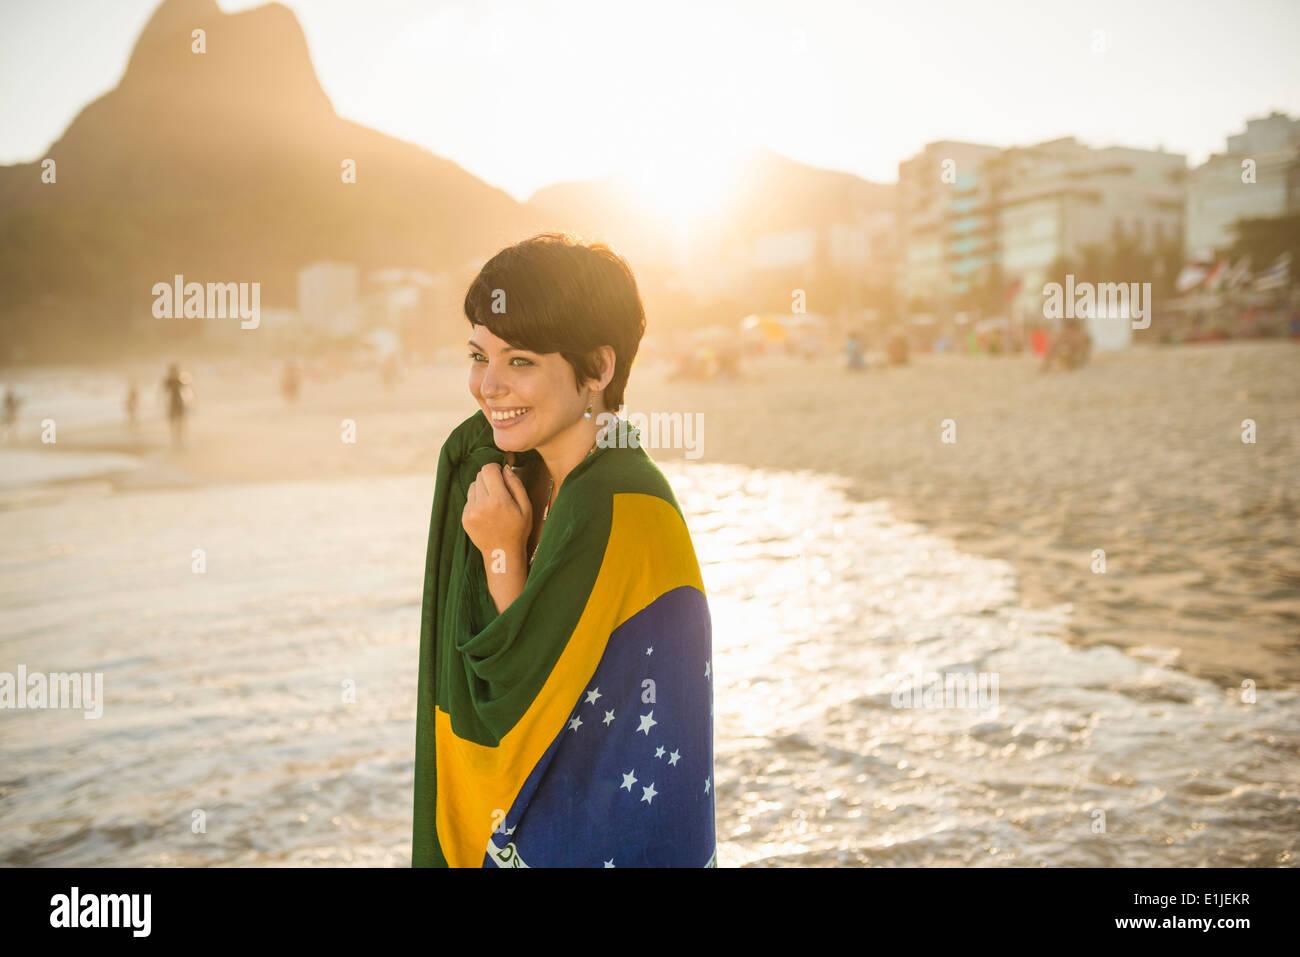 Mujer joven envuelto en la bandera brasileña, la playa de Ipanema, Río de Janeiro, Brasil Imagen De Stock